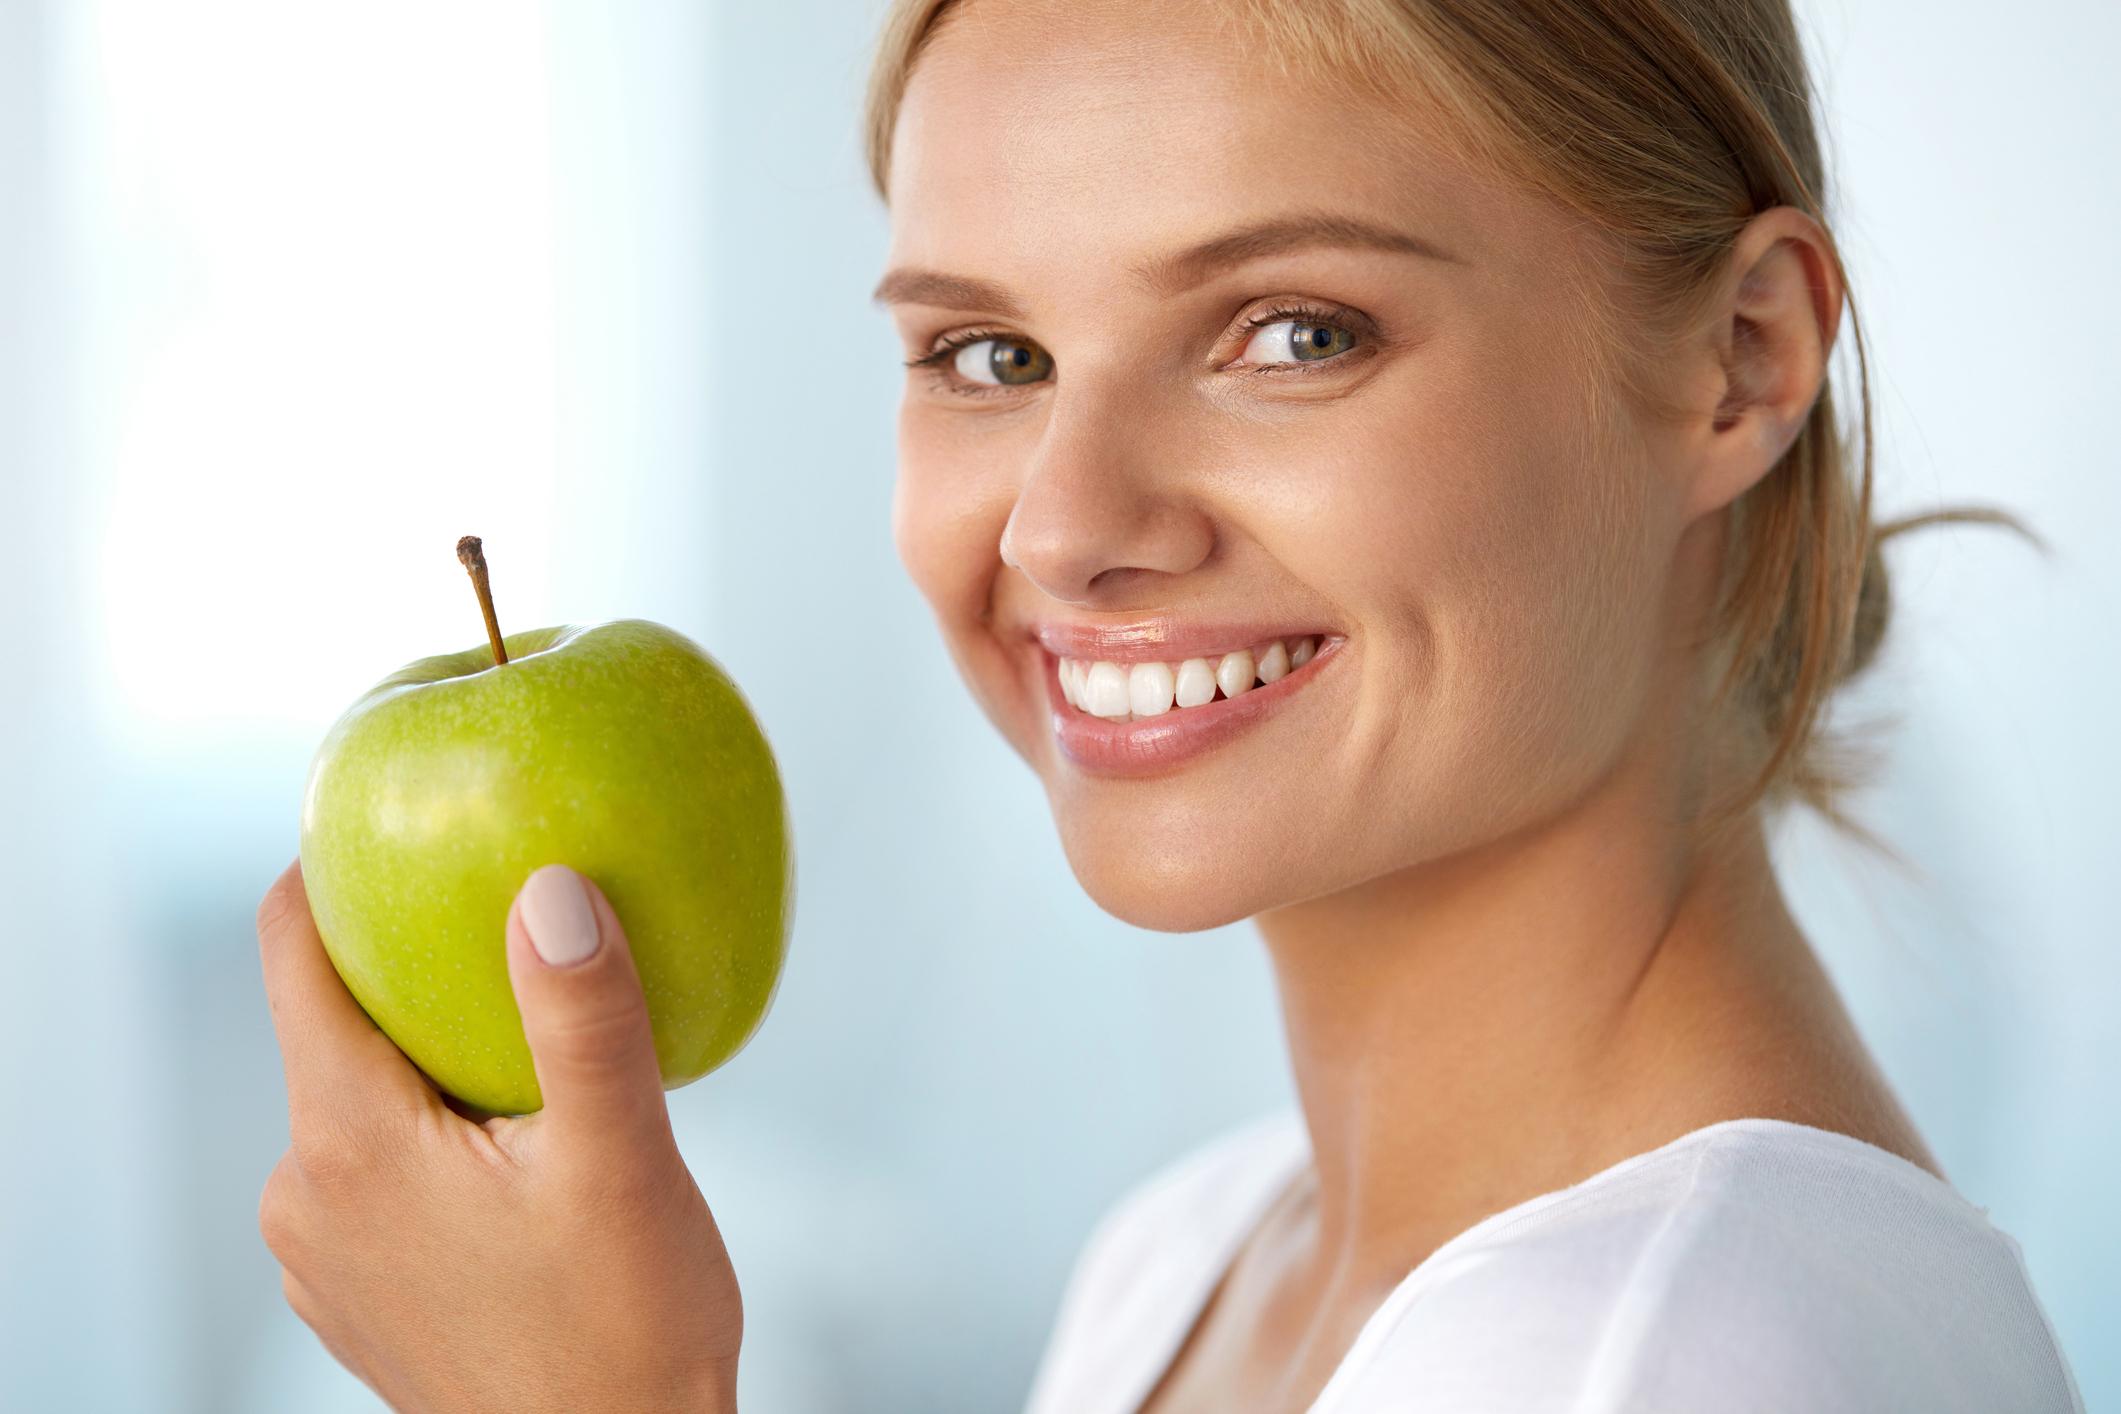 ¿Qué relación tienen diabetes y periodontitis?